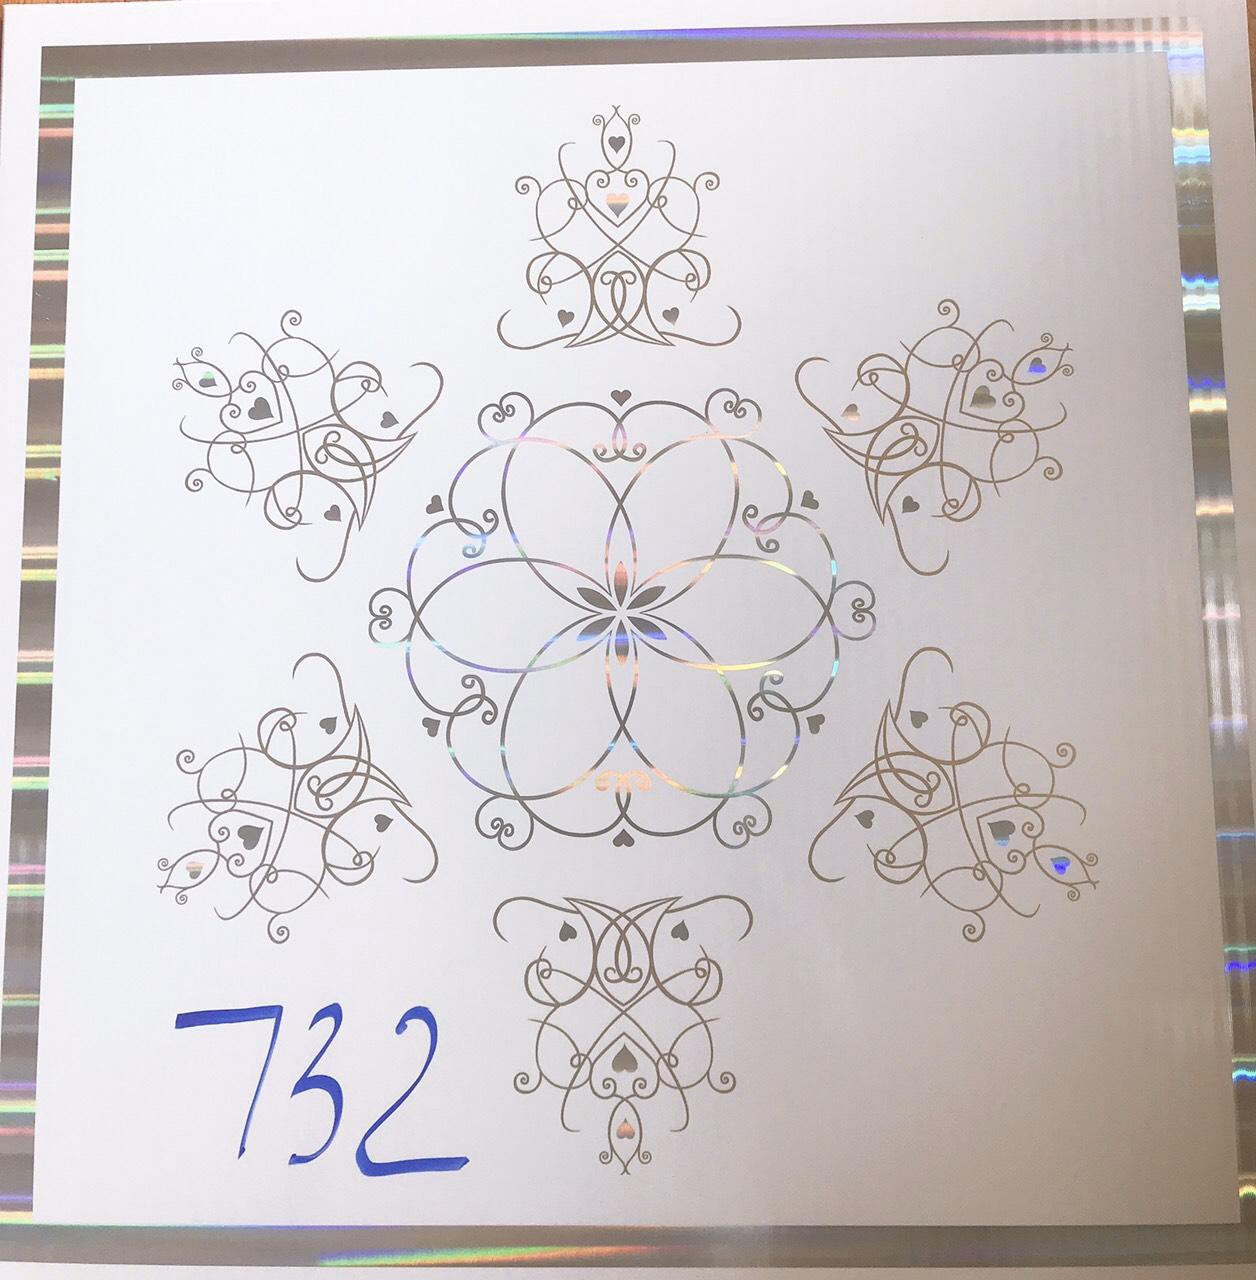 image72